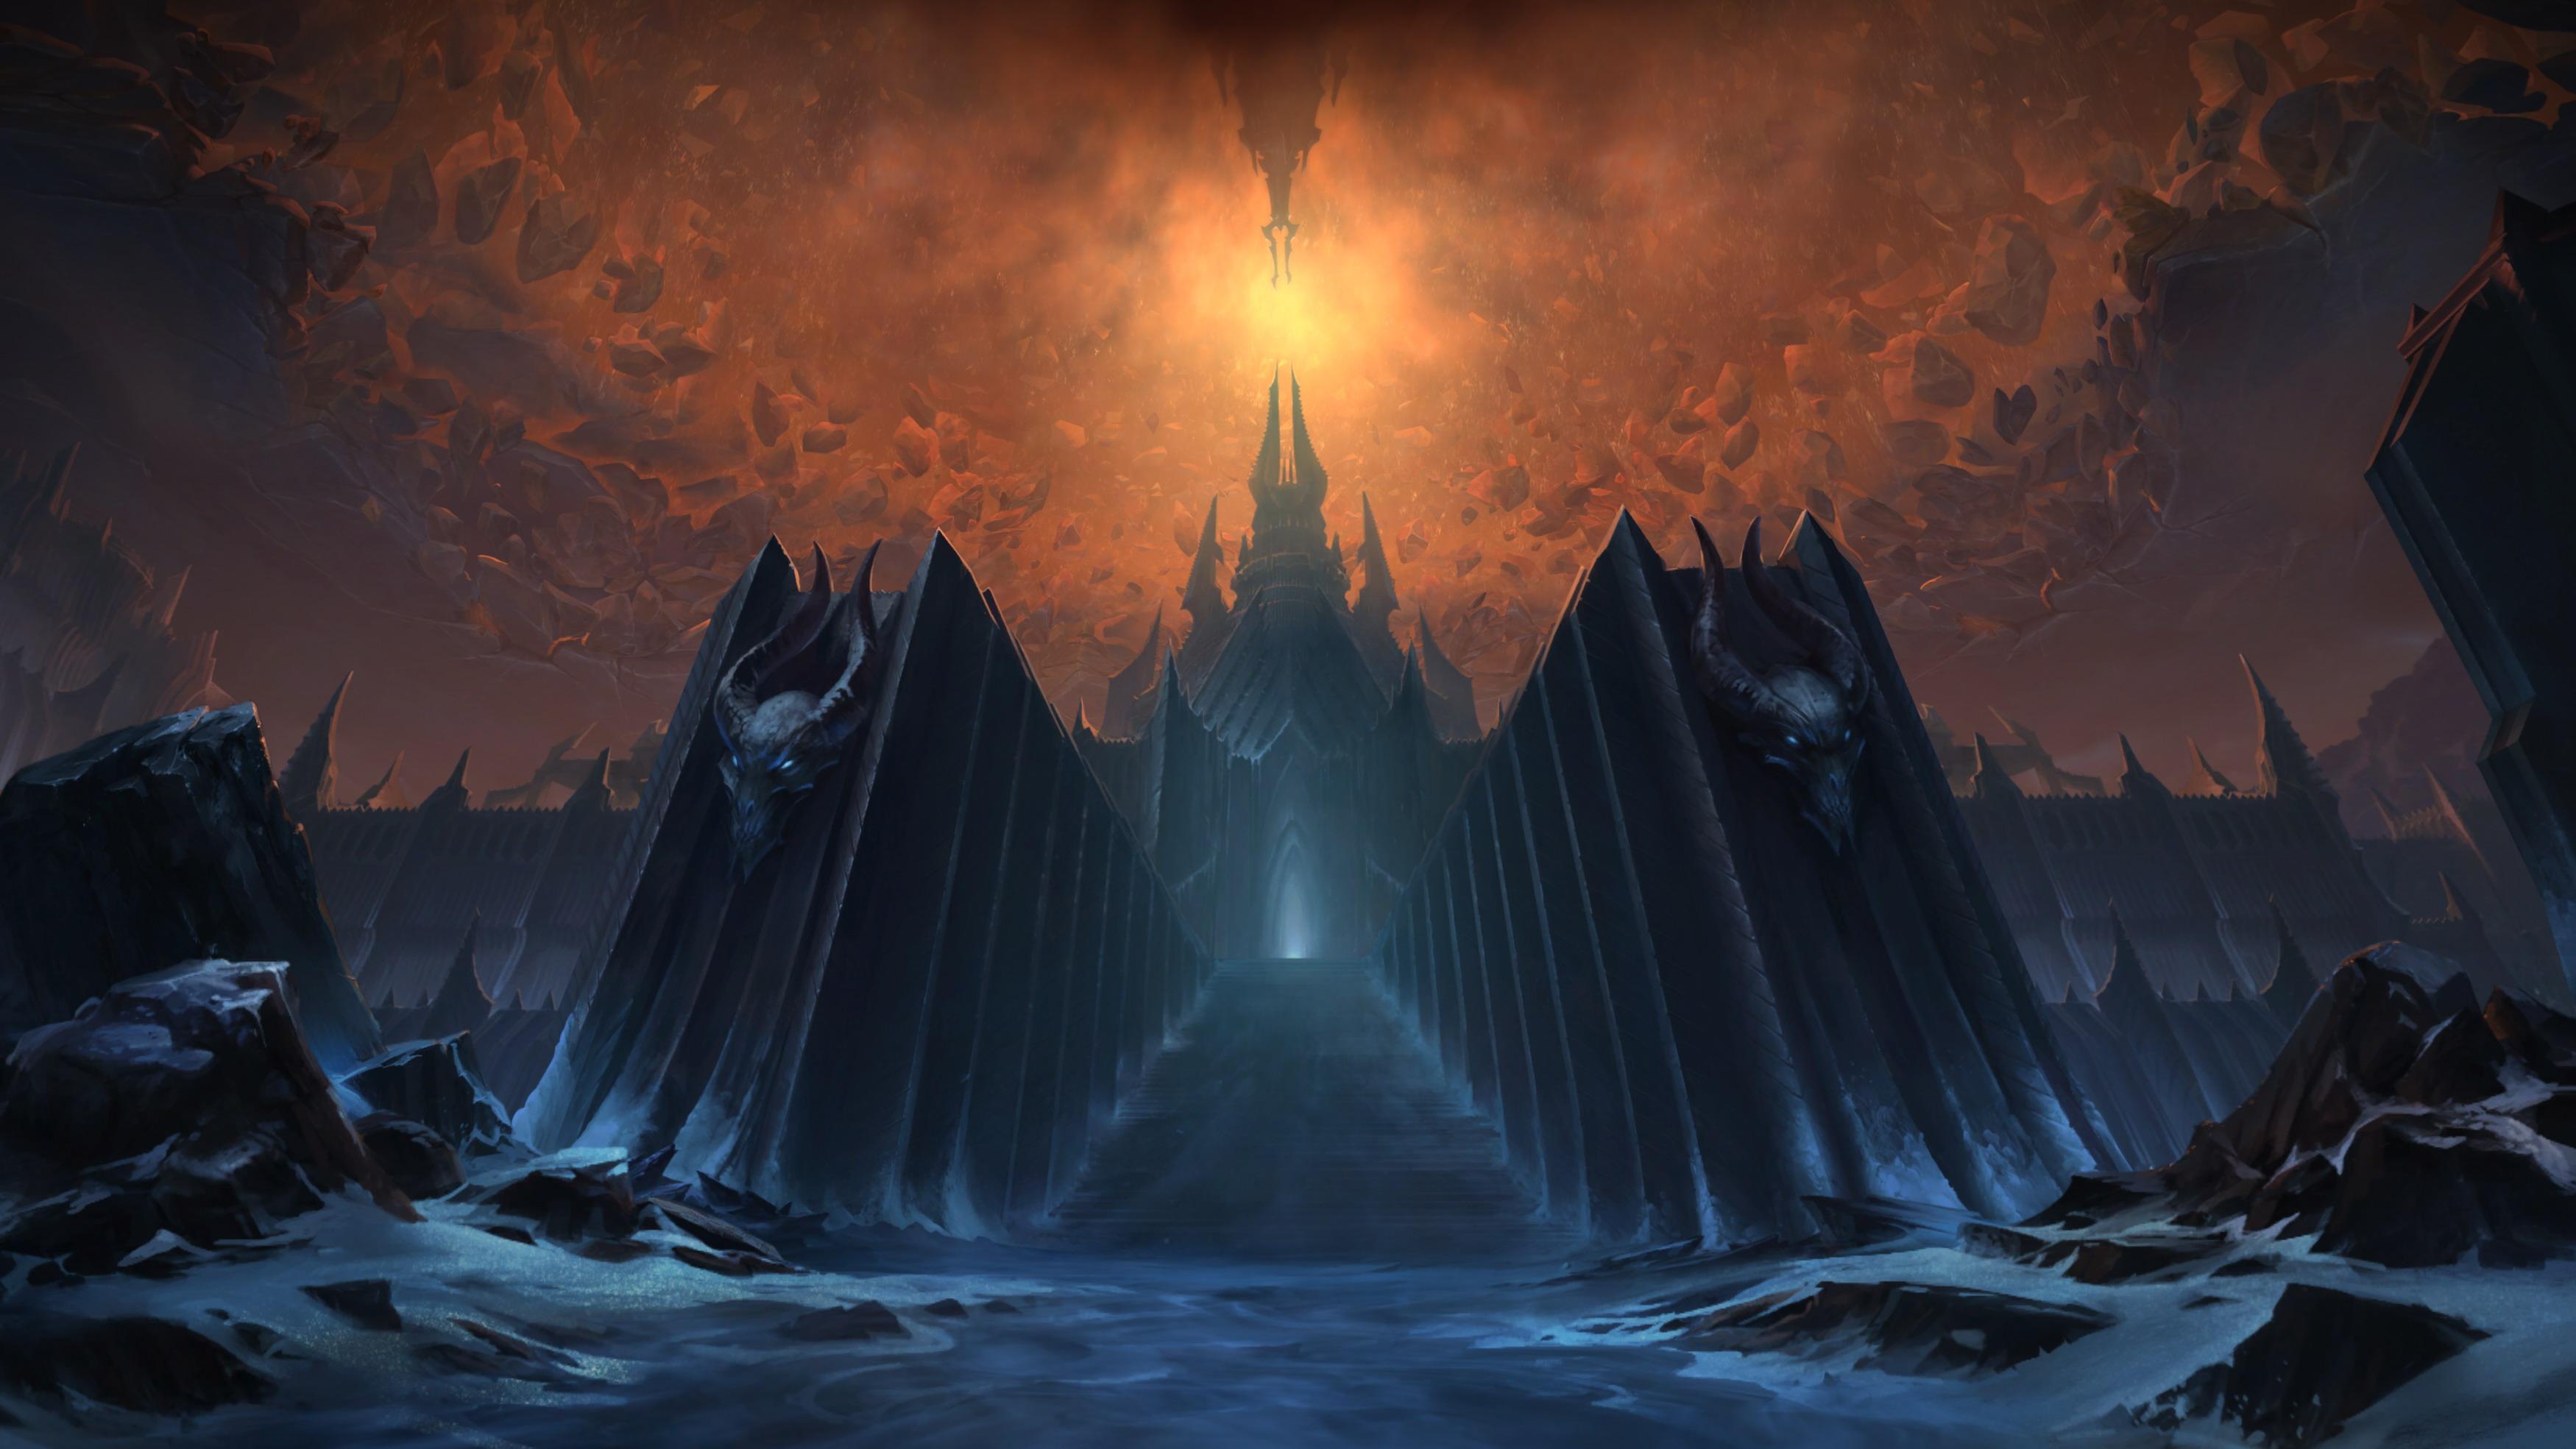 《魔兽世界:暗影国度》登陆界面曝光 冰冠堡垒霸气